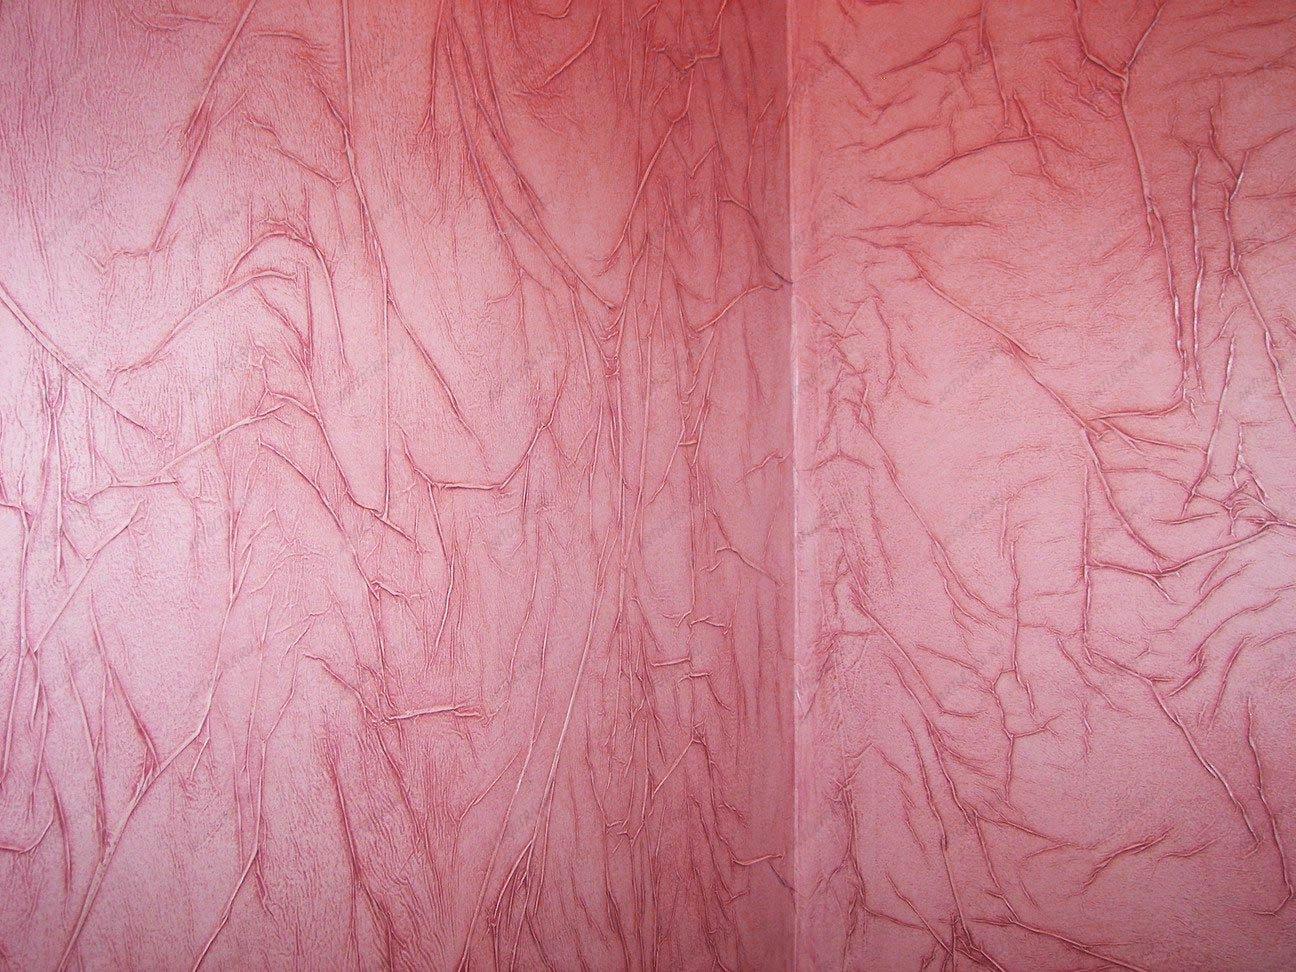 поздравлений: смс, фактурная краска для стен мизури и марсельский воск УЗИ определить синдром